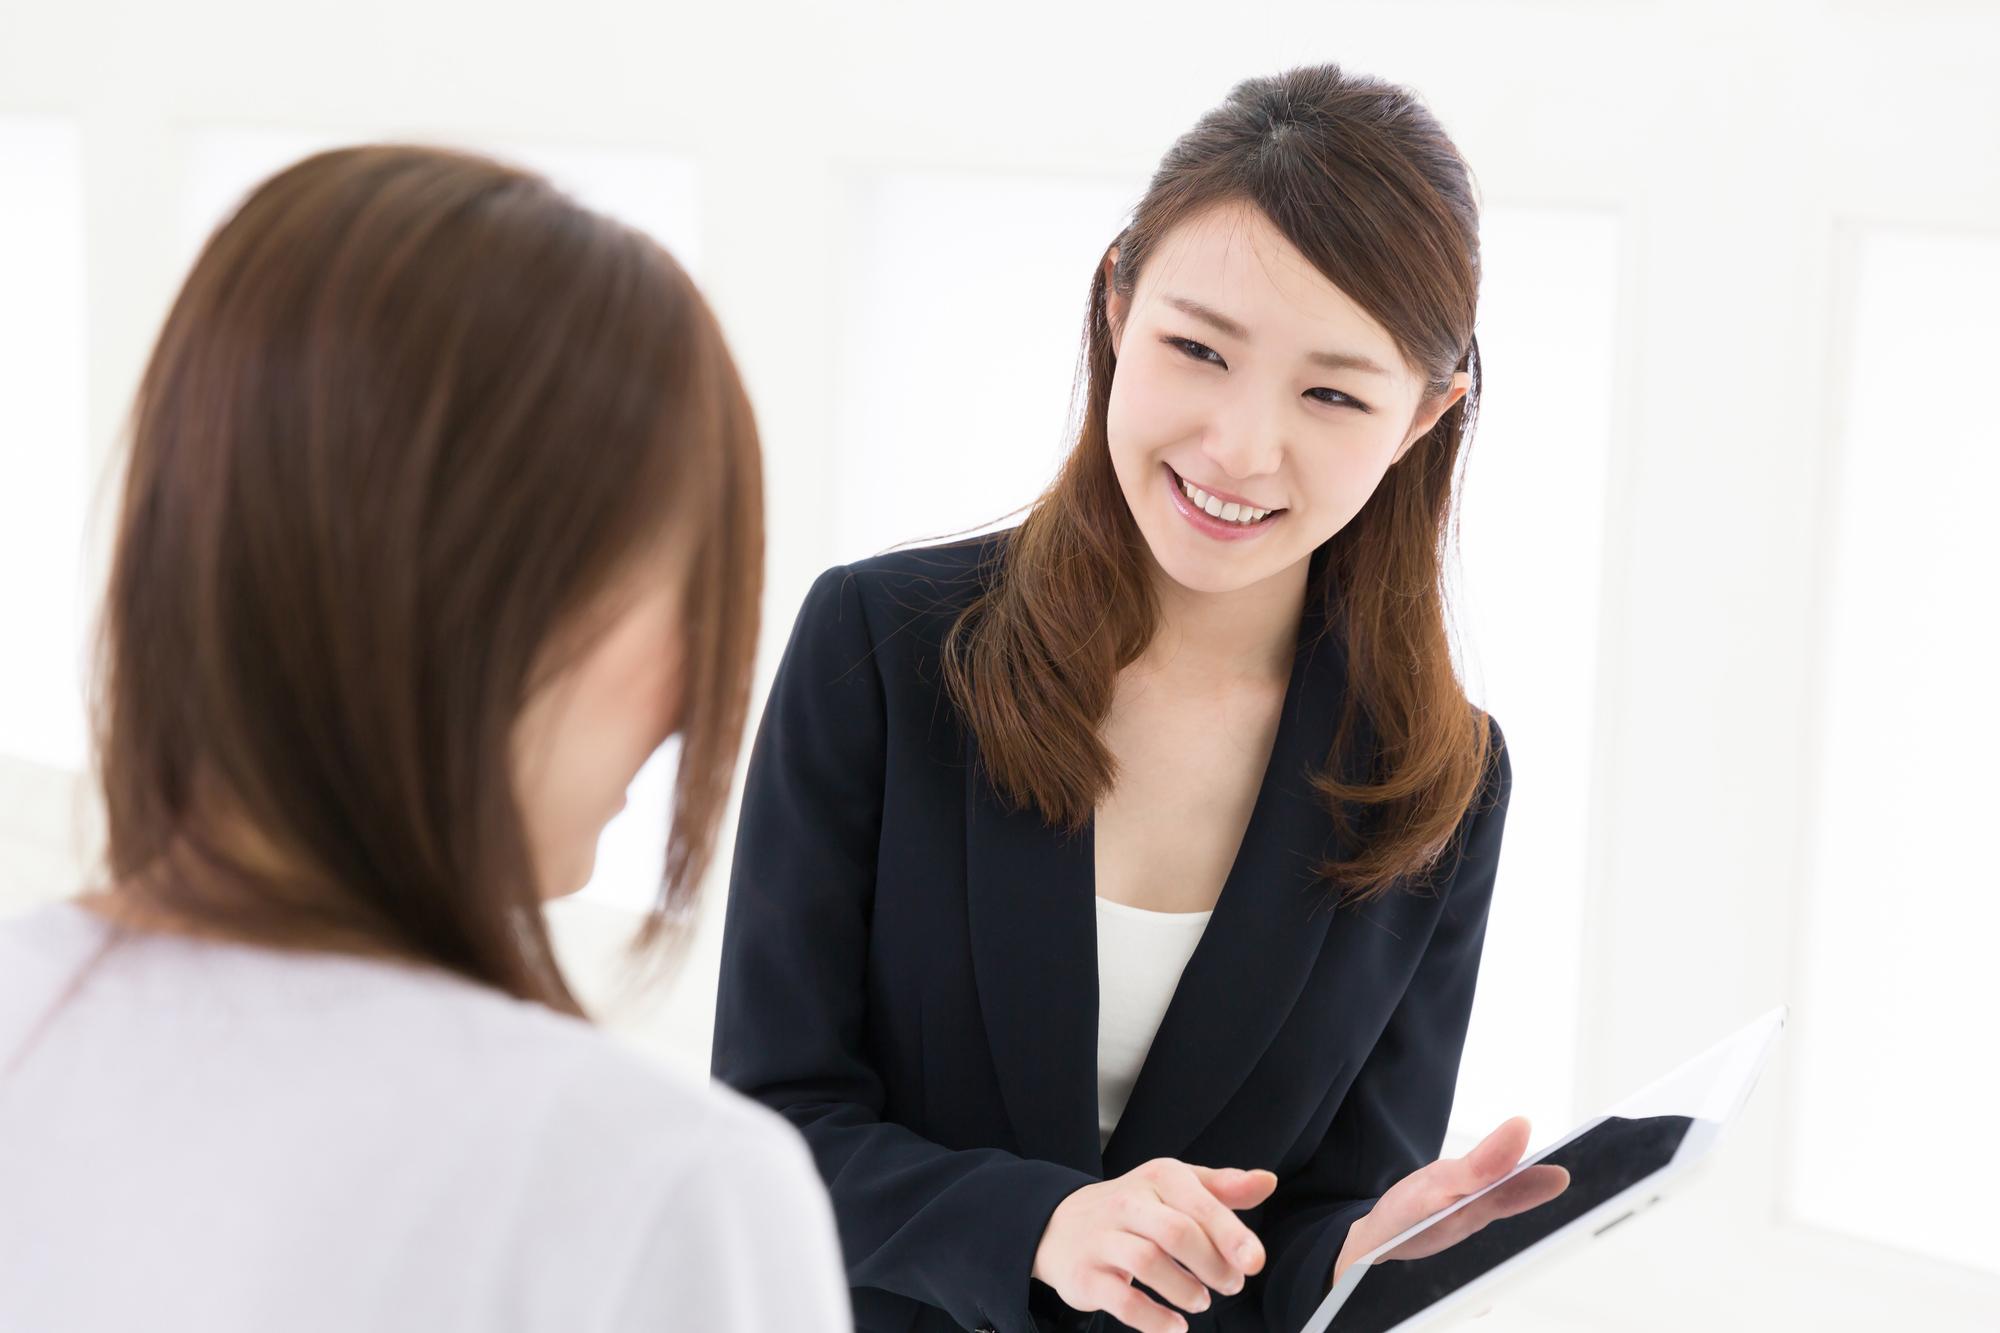 ツヴァイの活動の流れ_説明会・無料コンサルティング